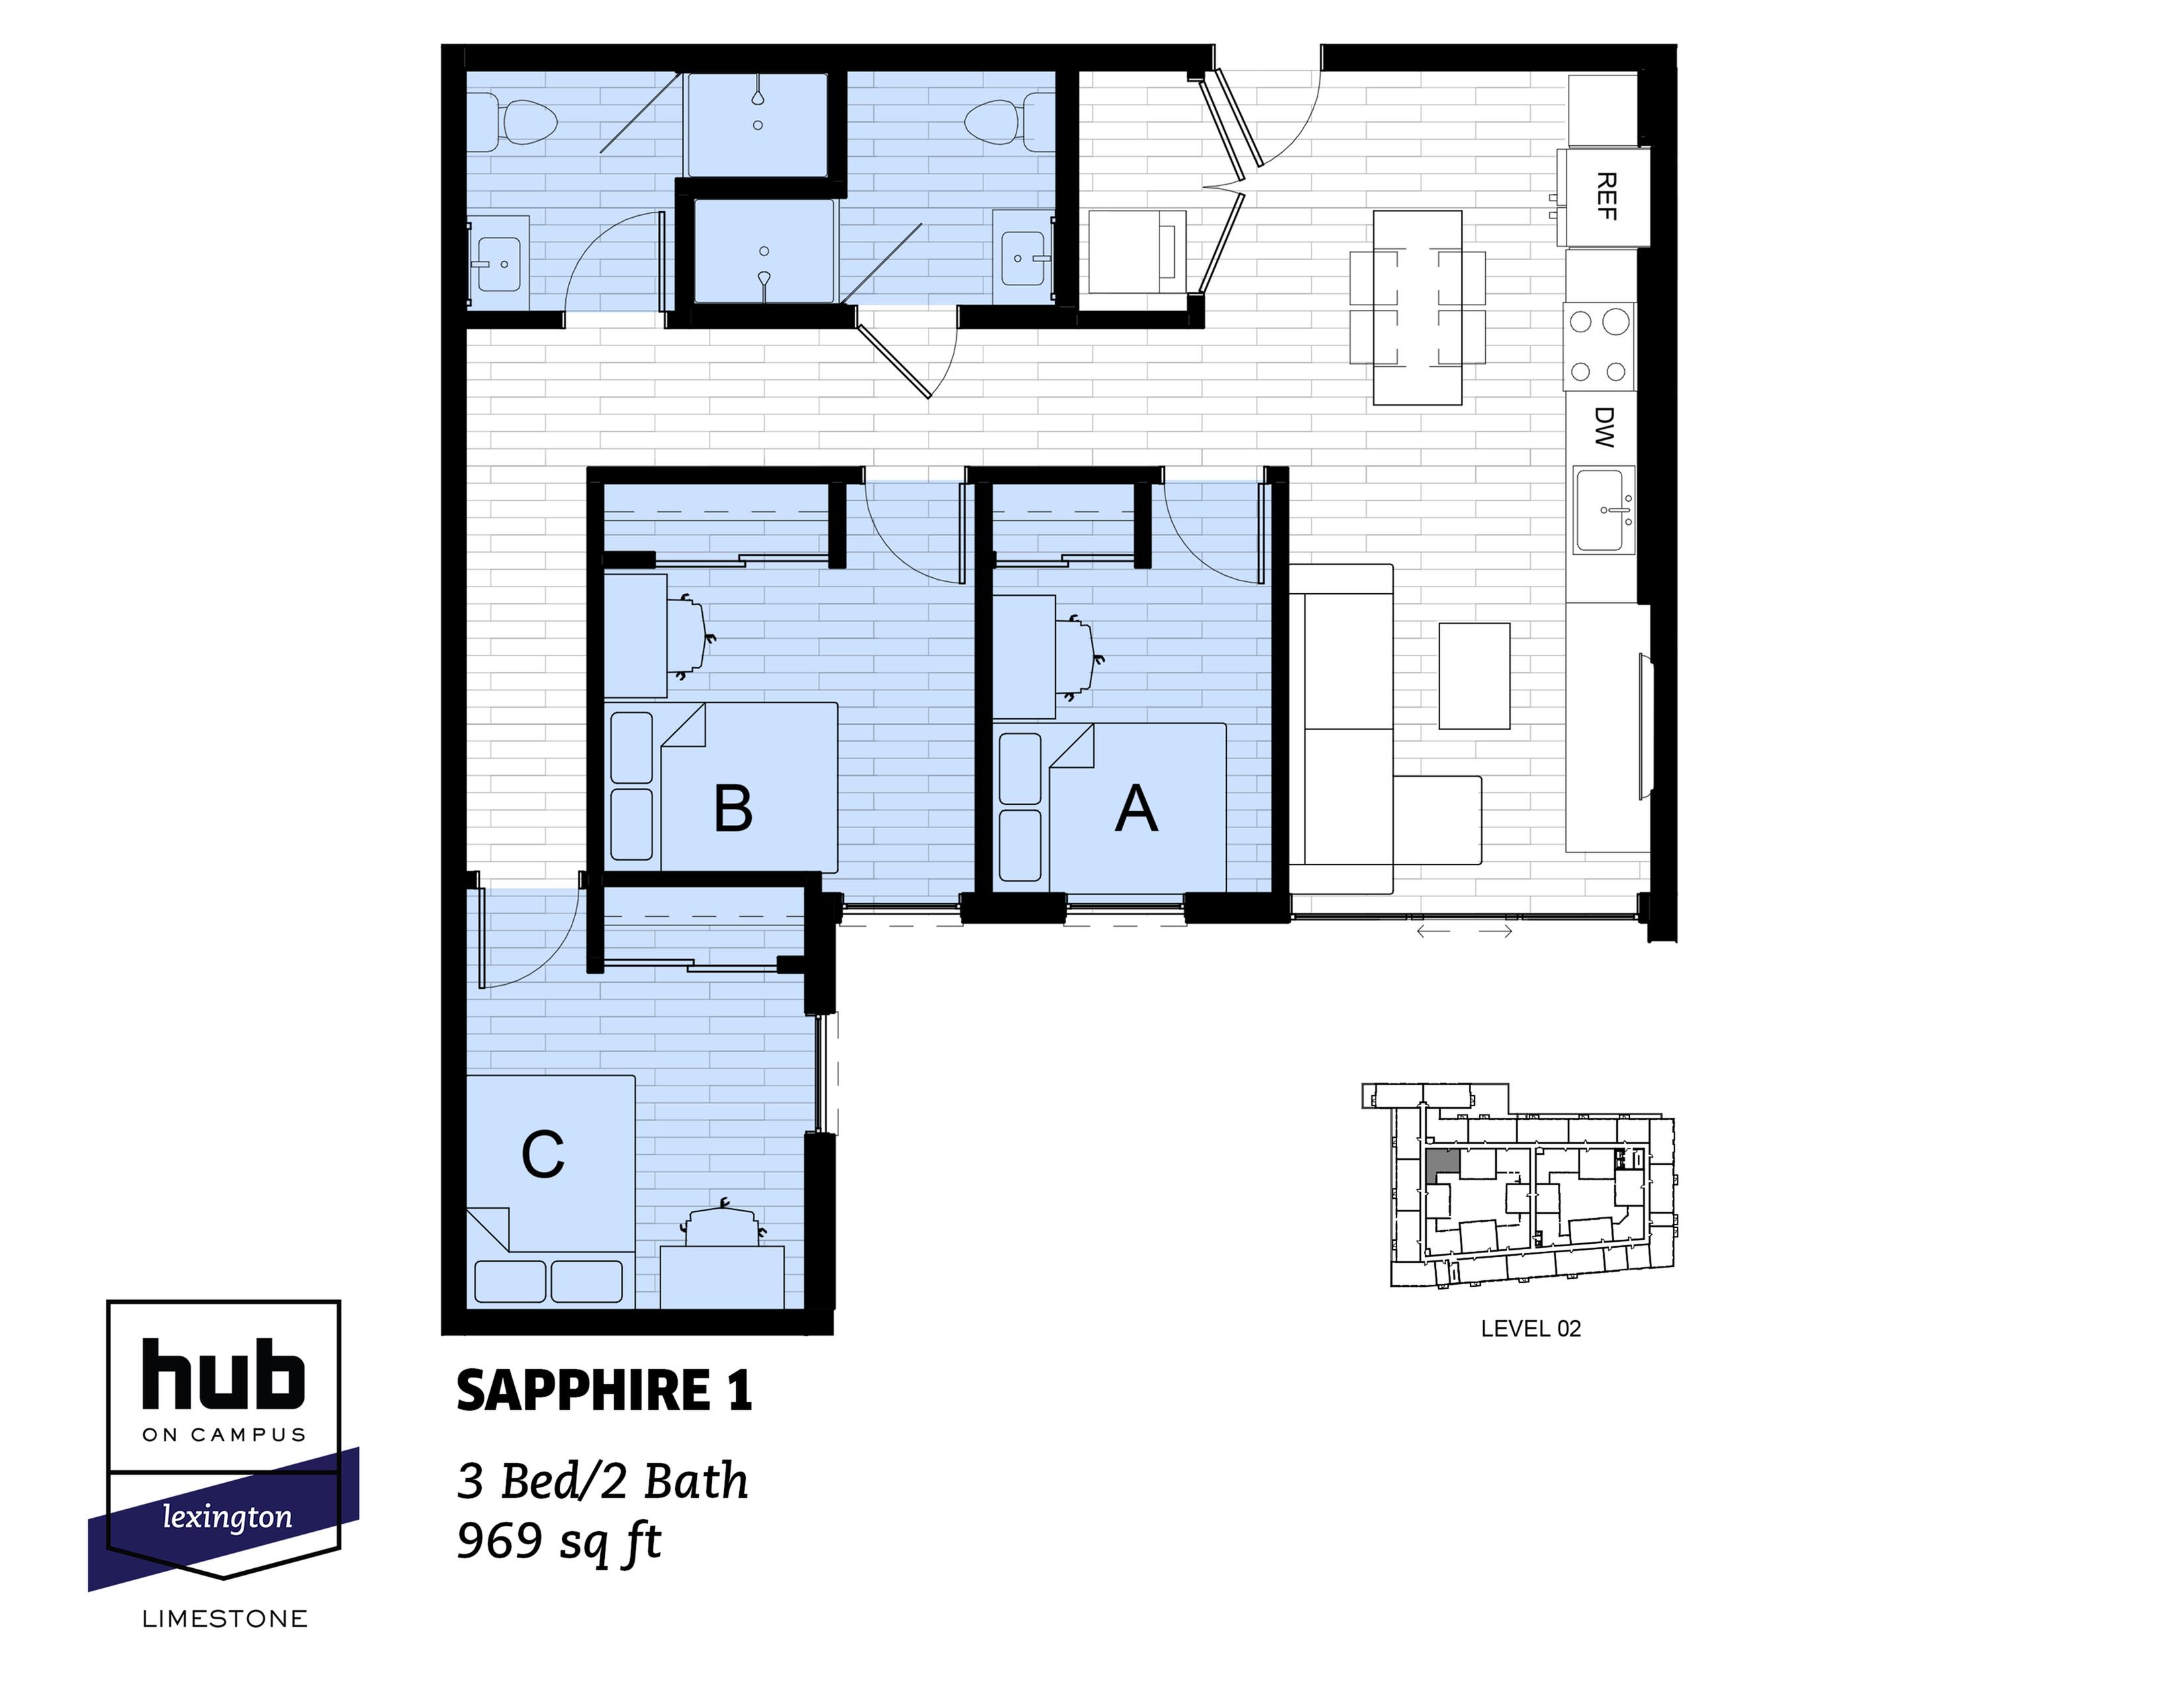 Sapphire 1